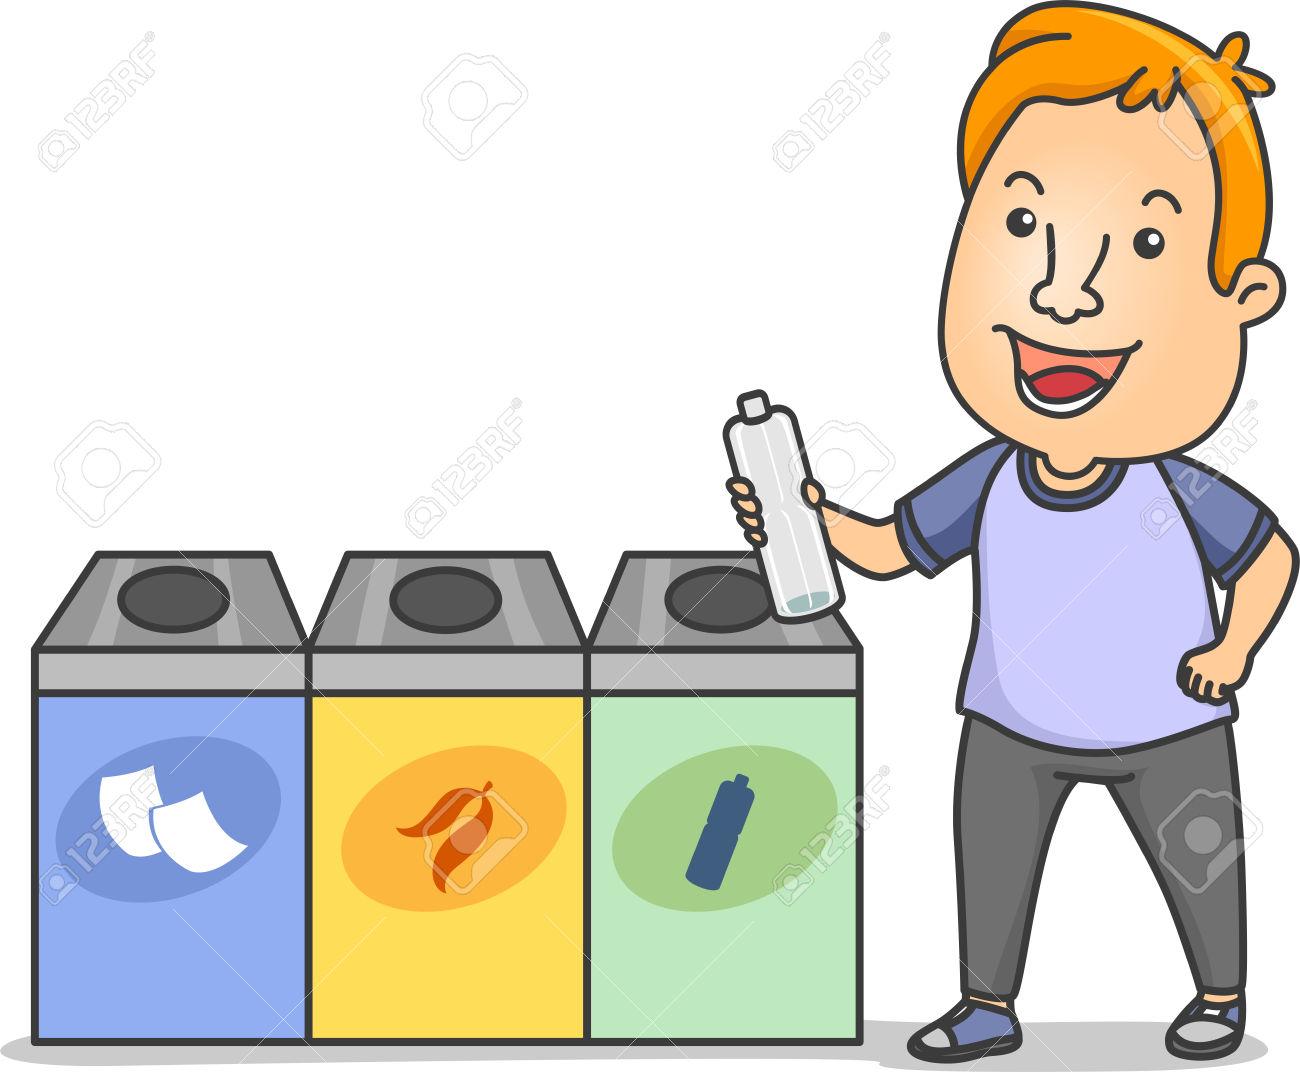 Toxic clipart proper waste management  jpg 03a8f245a20b0770f082179438fd534543c269d2_original